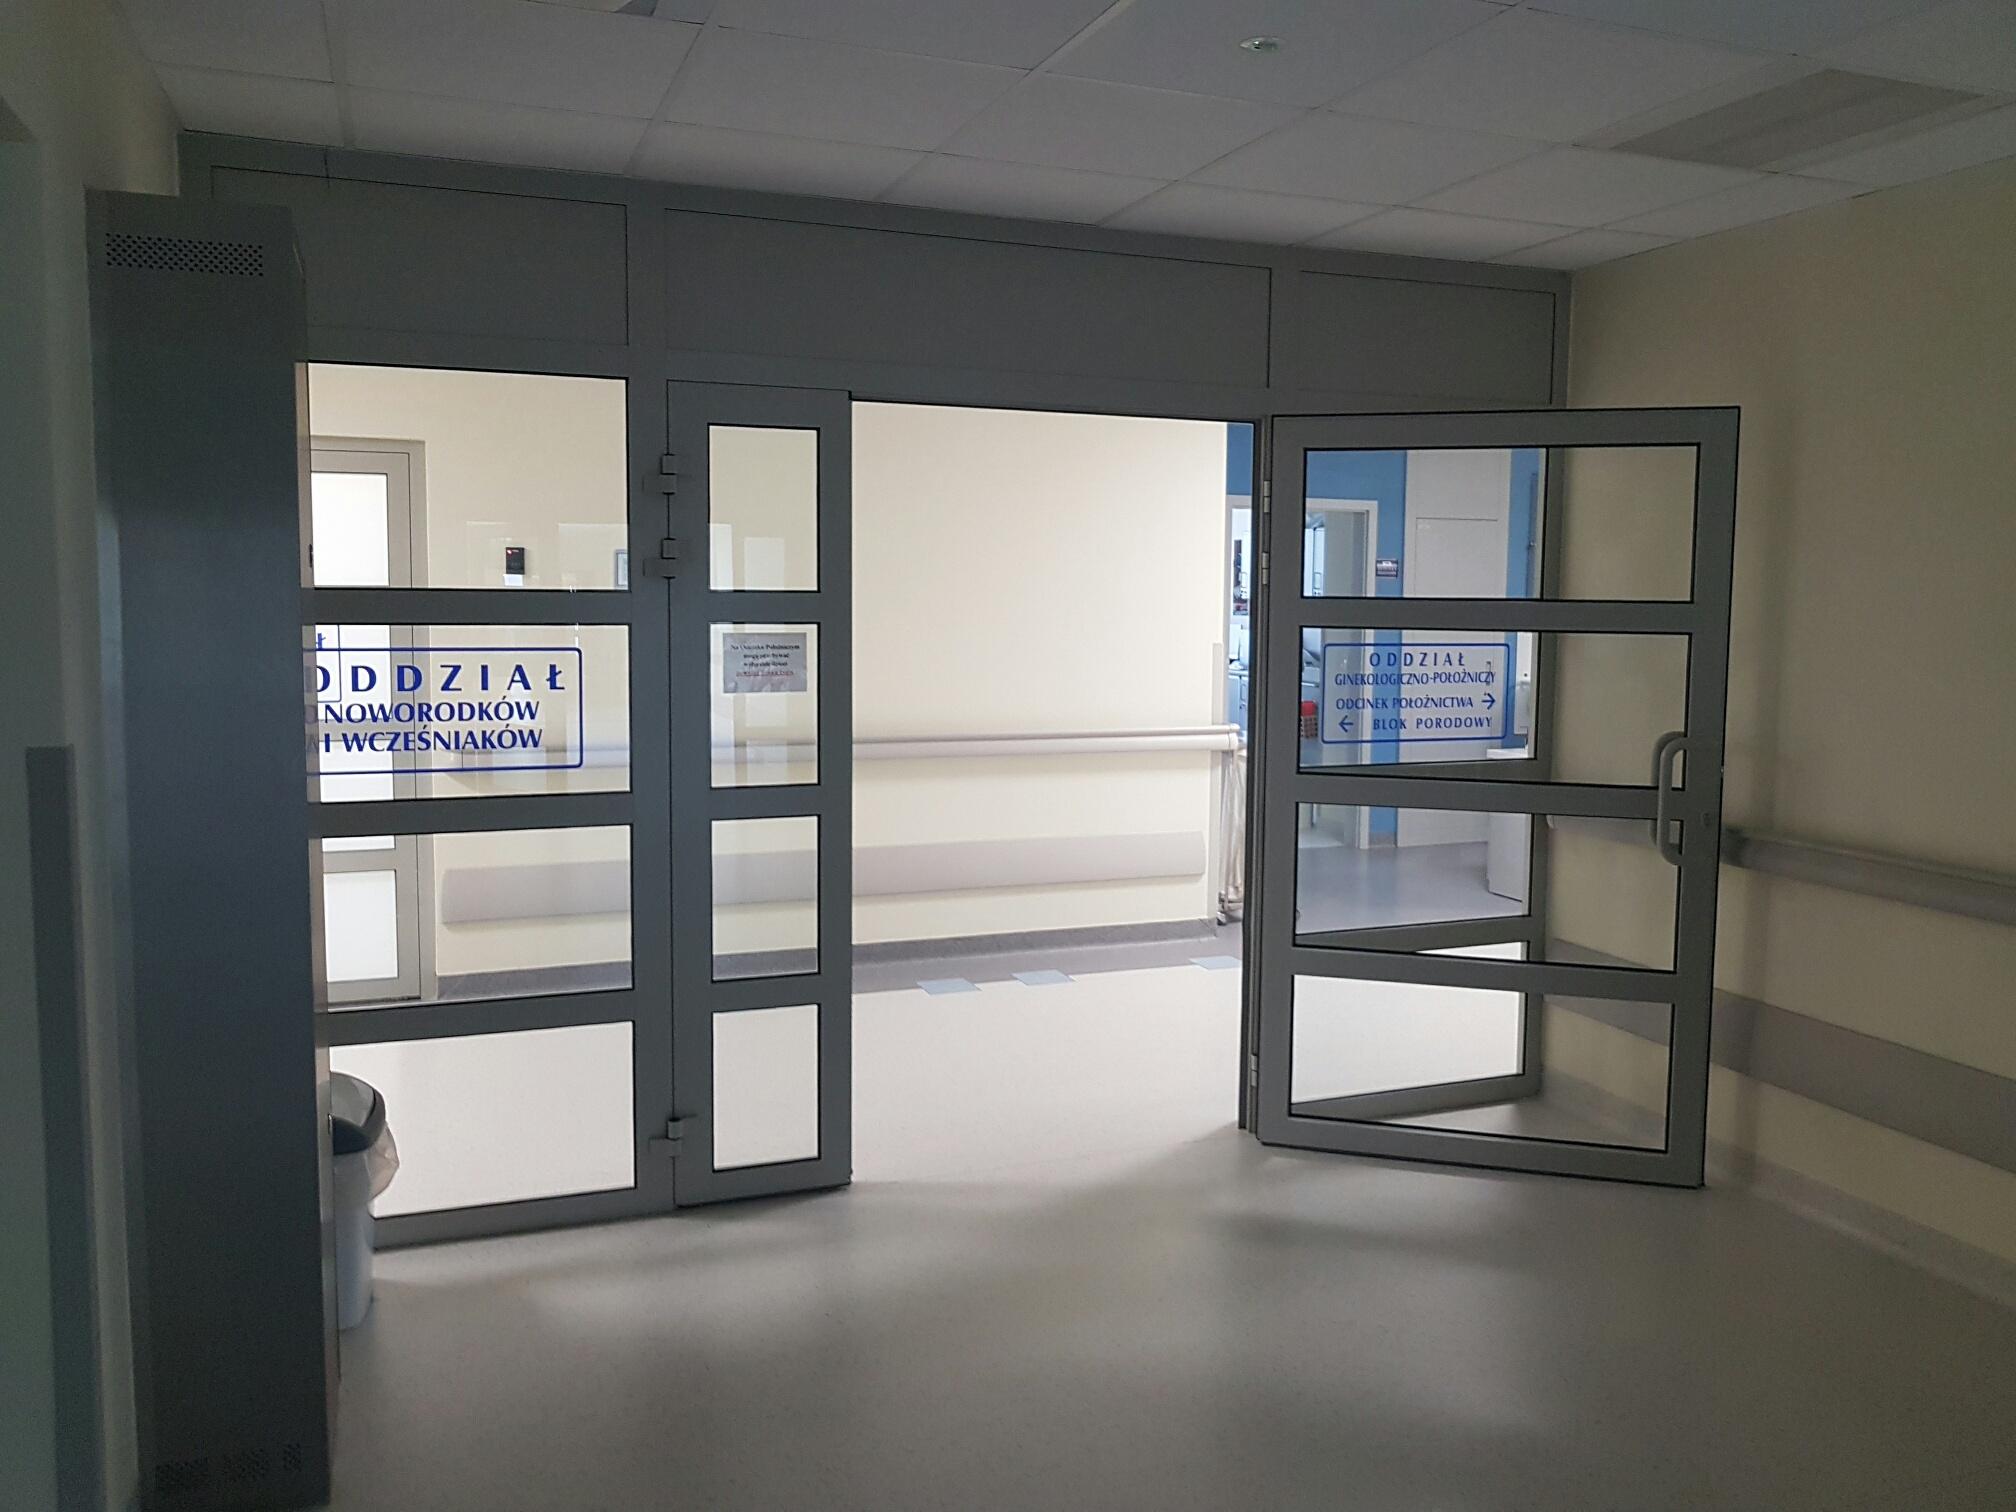 W końcu oddział dziecięcy trafi do nowego szpitala